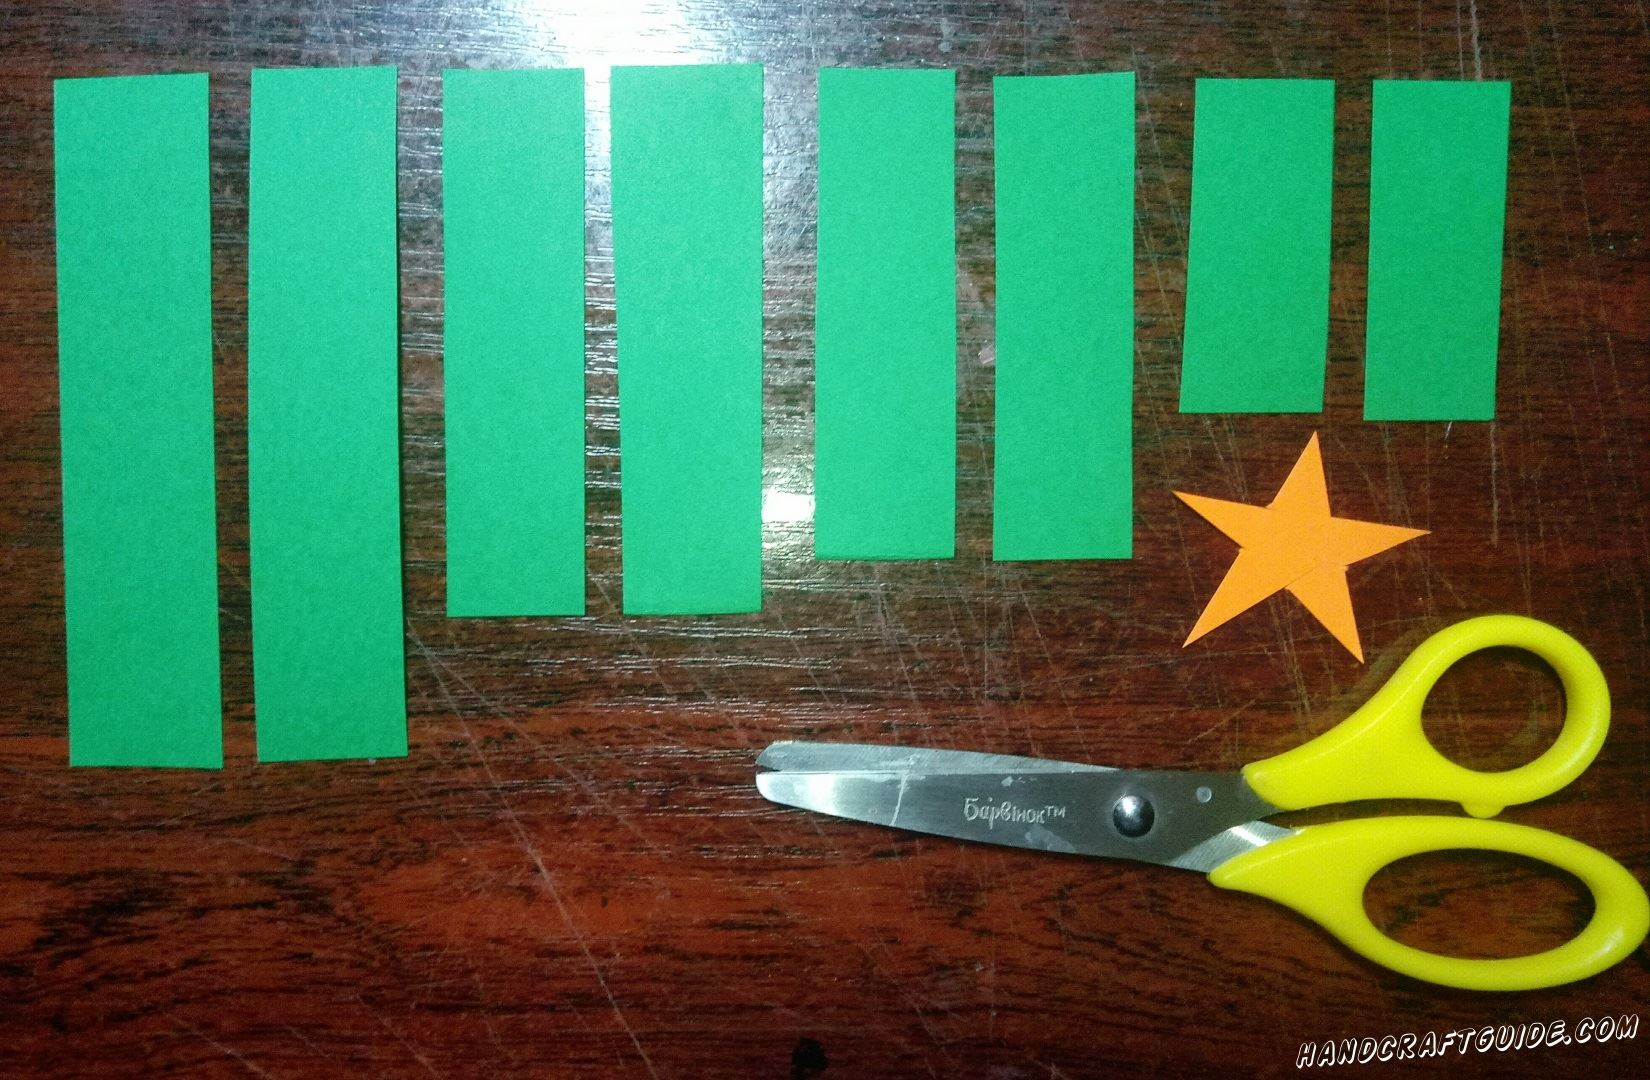 Вырезаем восемь полосок из бумаги зелёного цвета: две длинные, две чуть короче, потом ещё чуть короче, ну и последние две штучки будут самыми короткими. Также вырезаем оранжевую звёздочку.